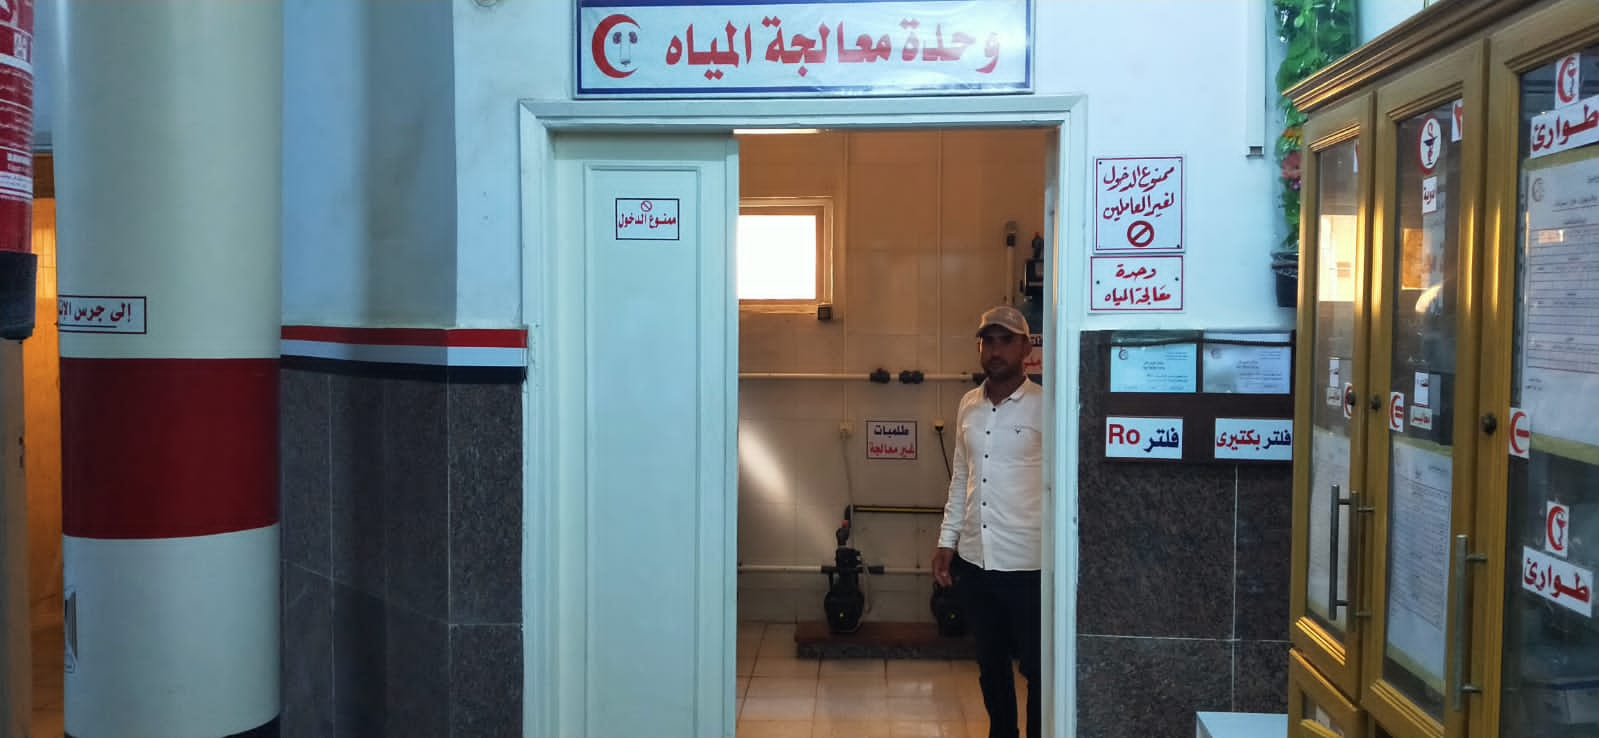 تقديم خدمة الغسيل الكلوي خلال أجازة العيد (2)